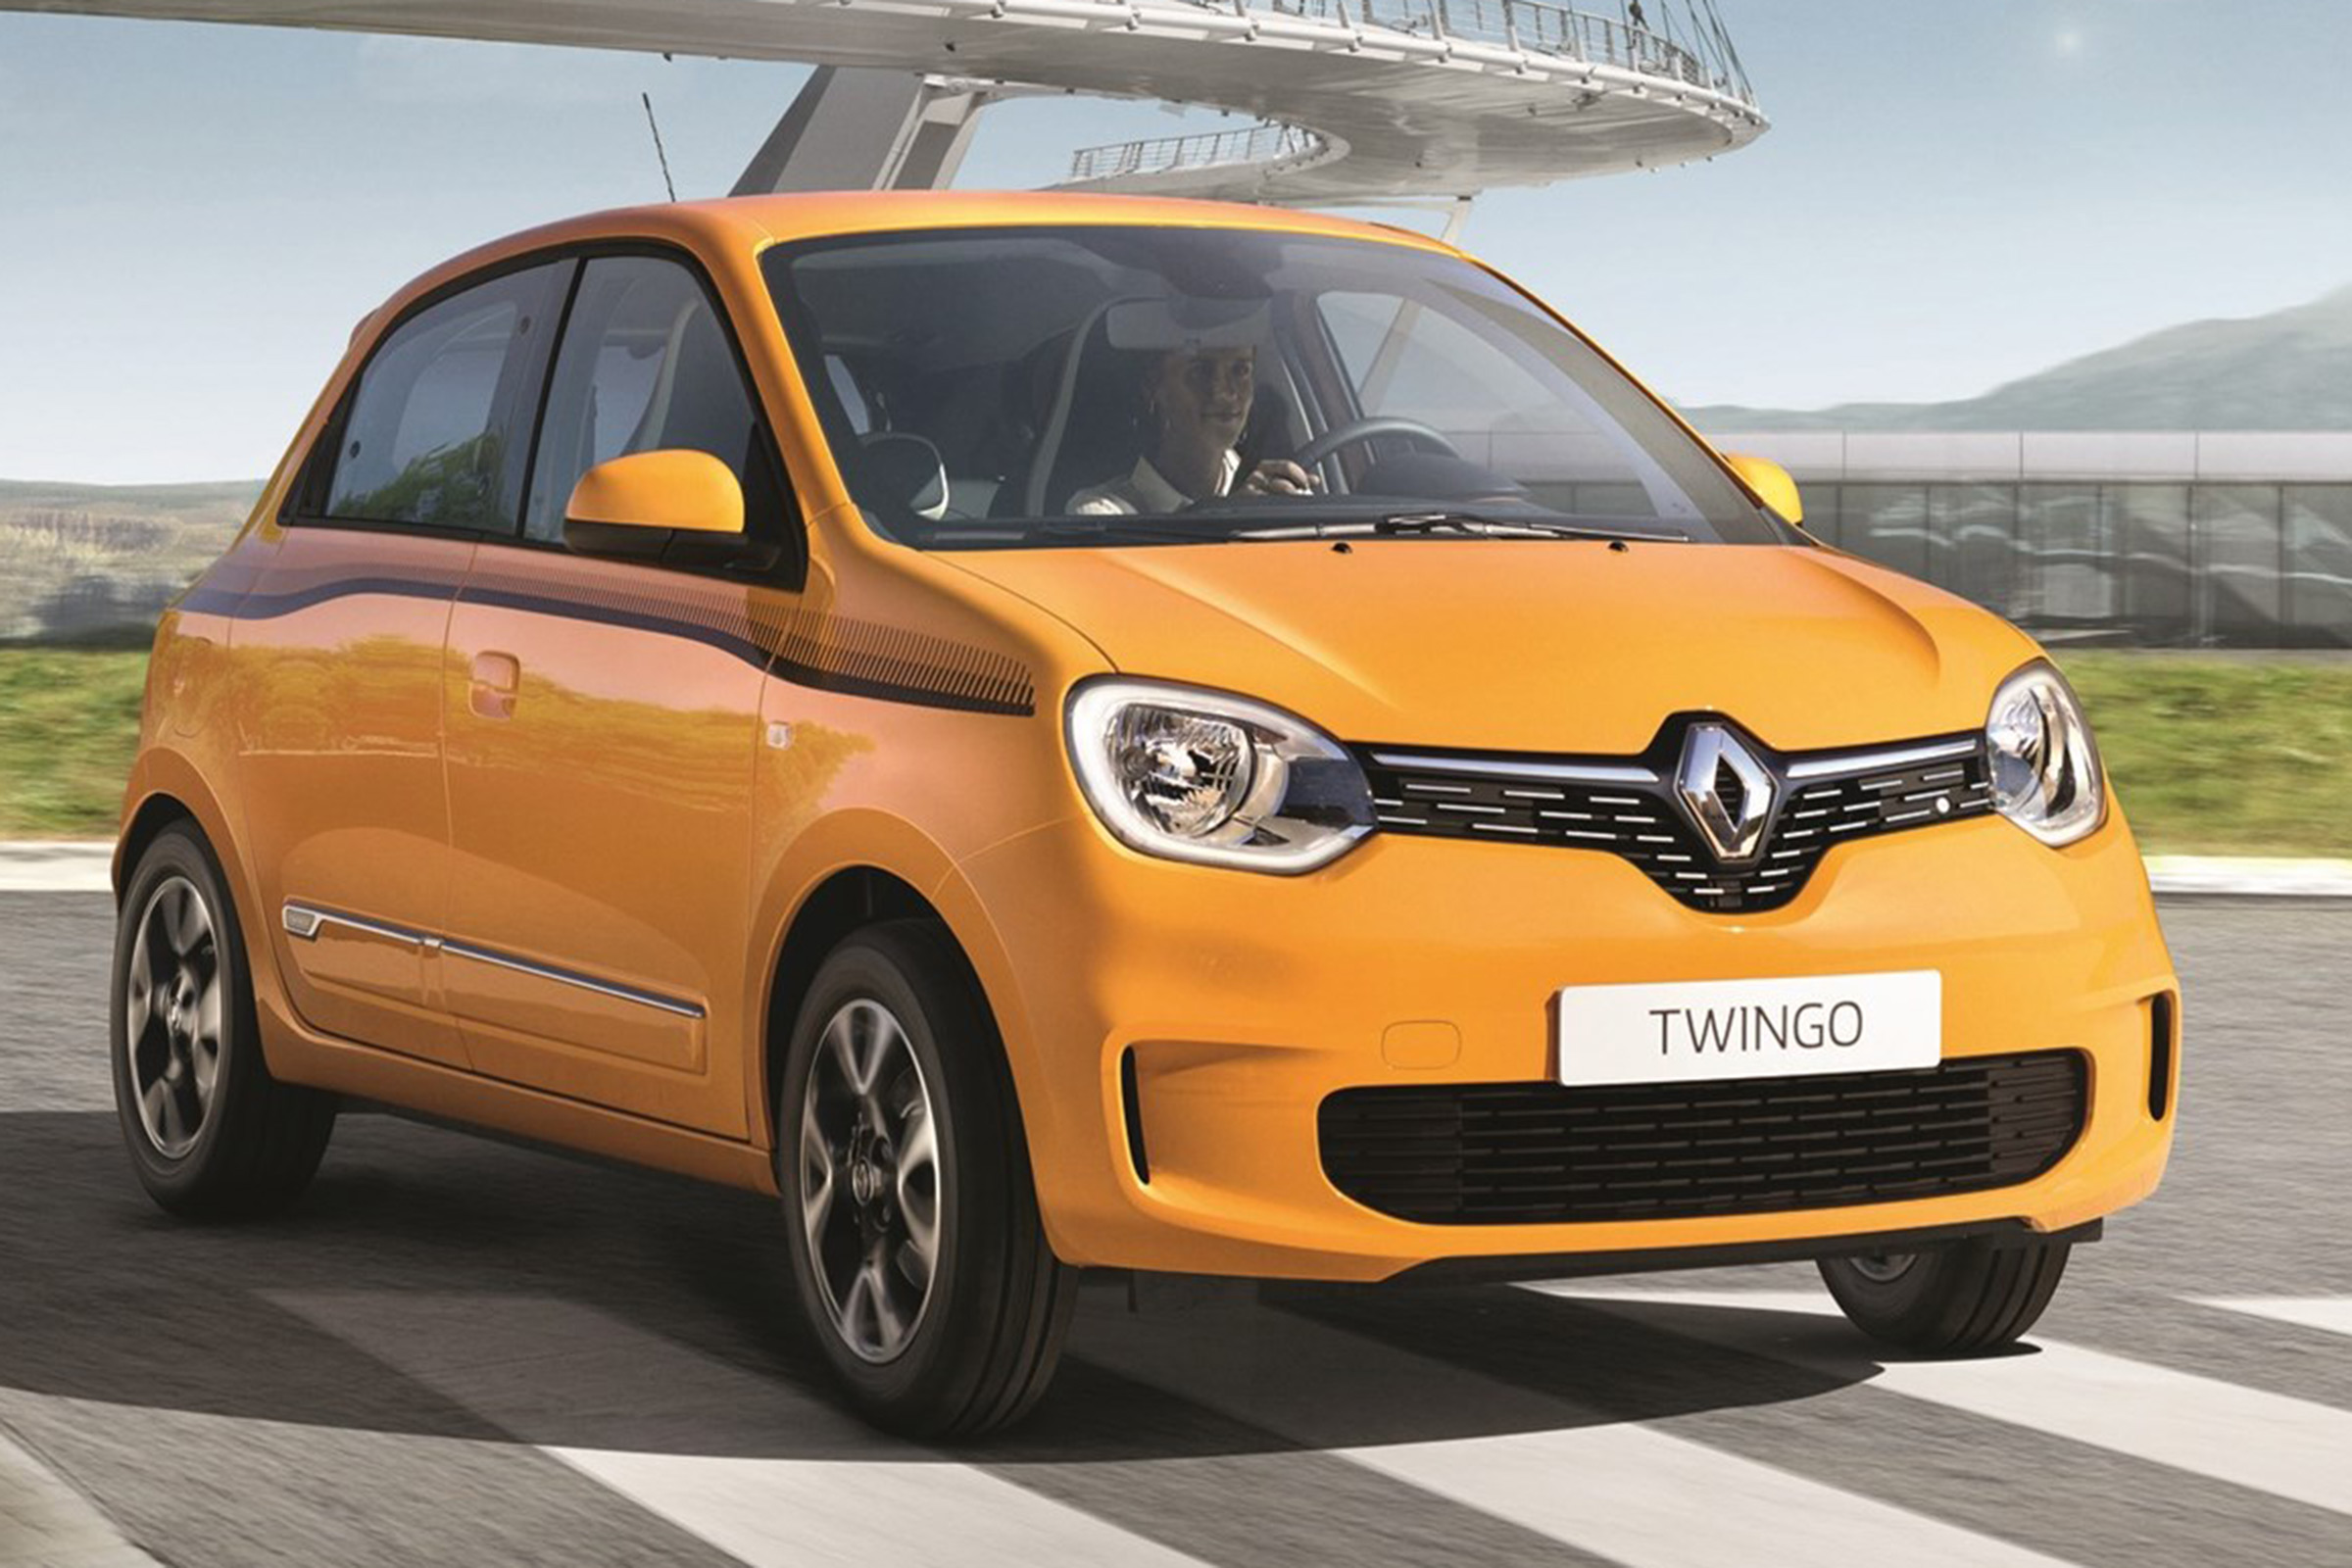 Renault Twingo Gebraucht Kaufen Worauf Achten